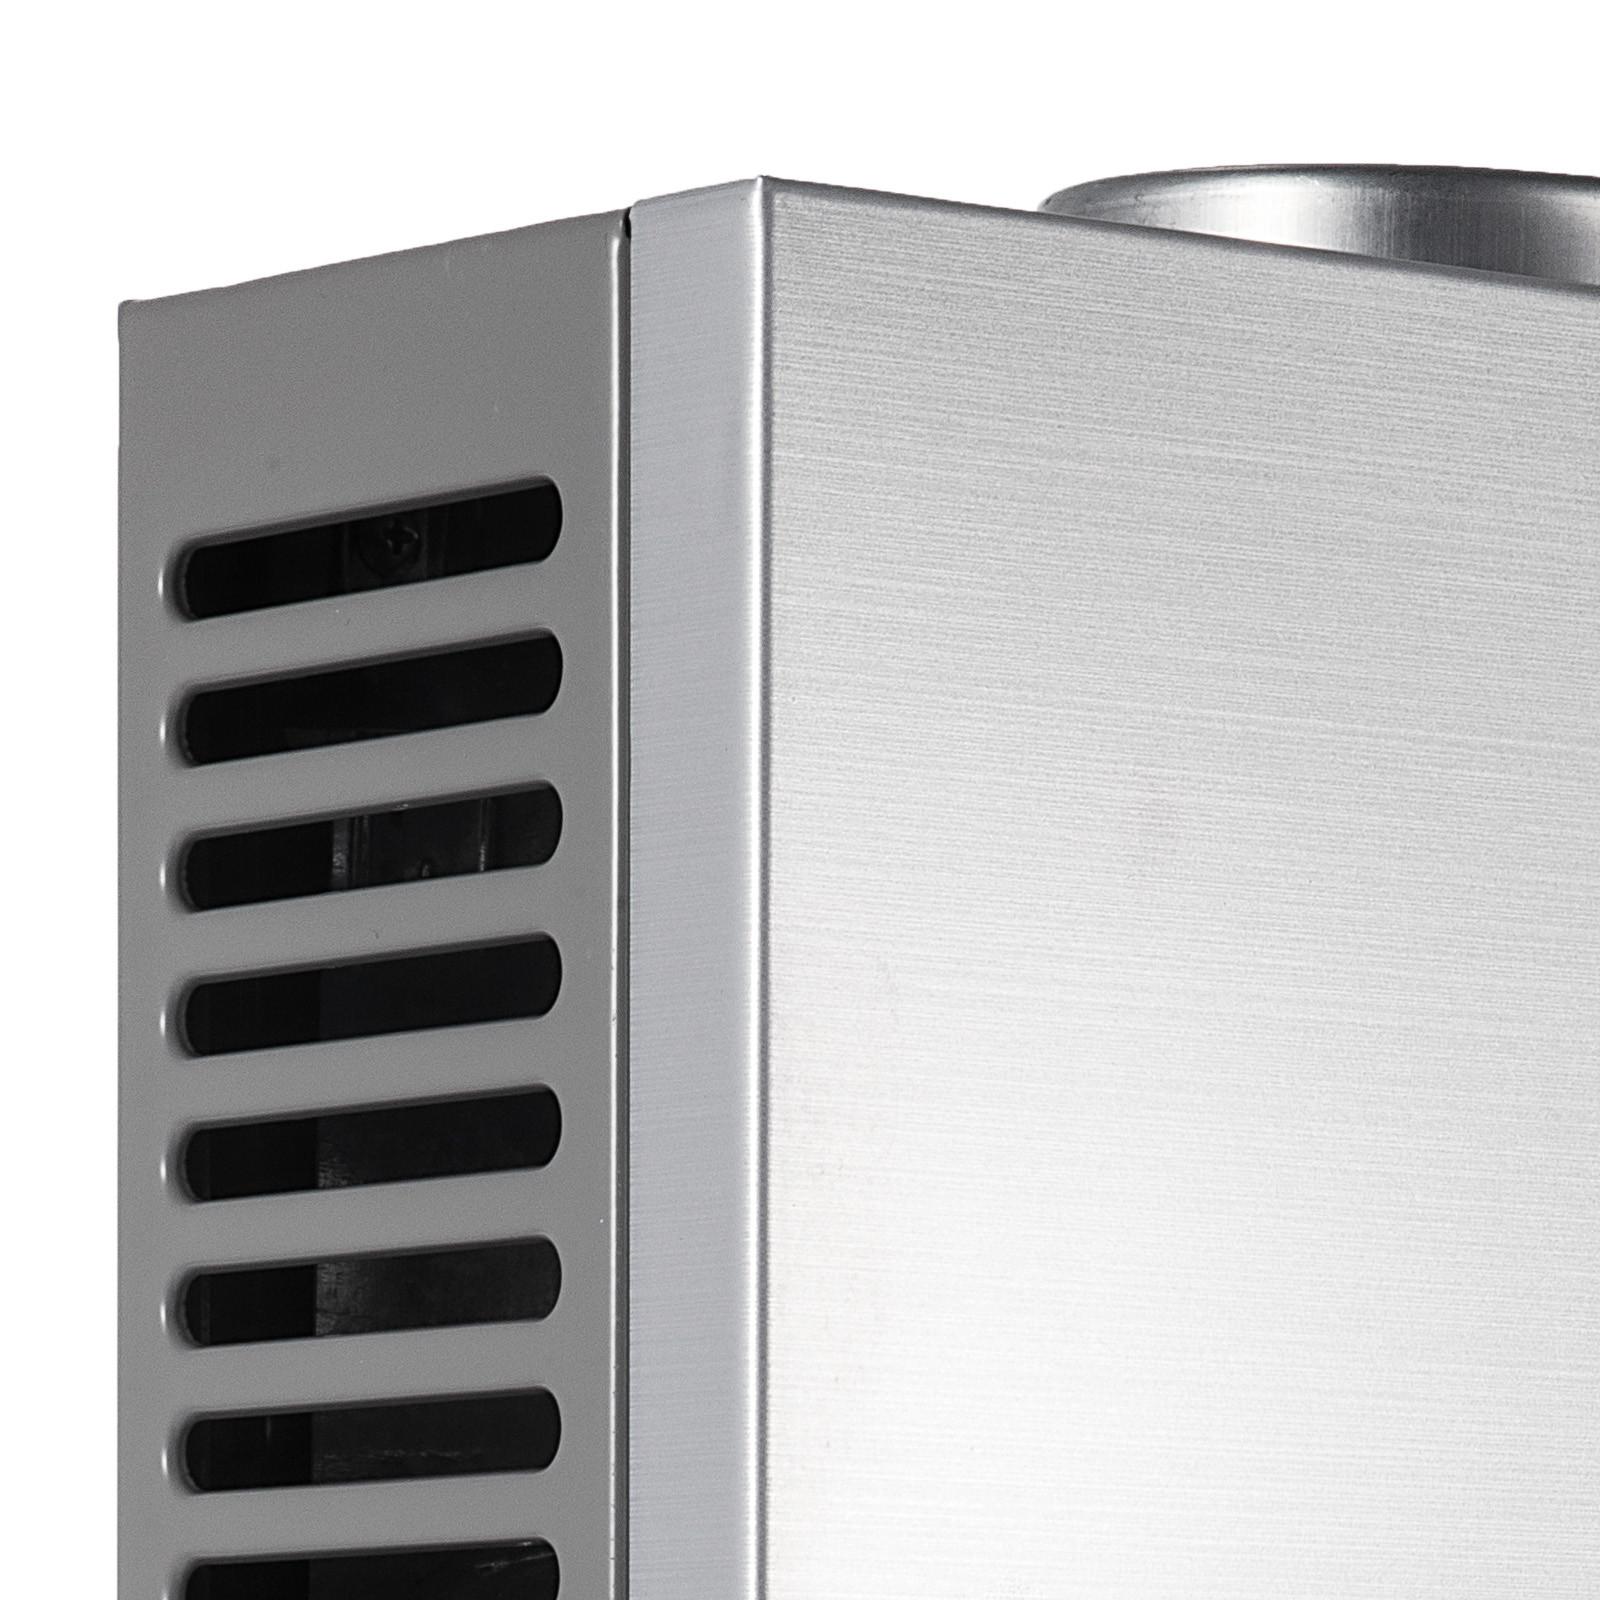 Propangas-Gas-Durchlauferhitzer-Warmwasserbereiter-Boiler-Warmwasserspeicher Indexbild 44